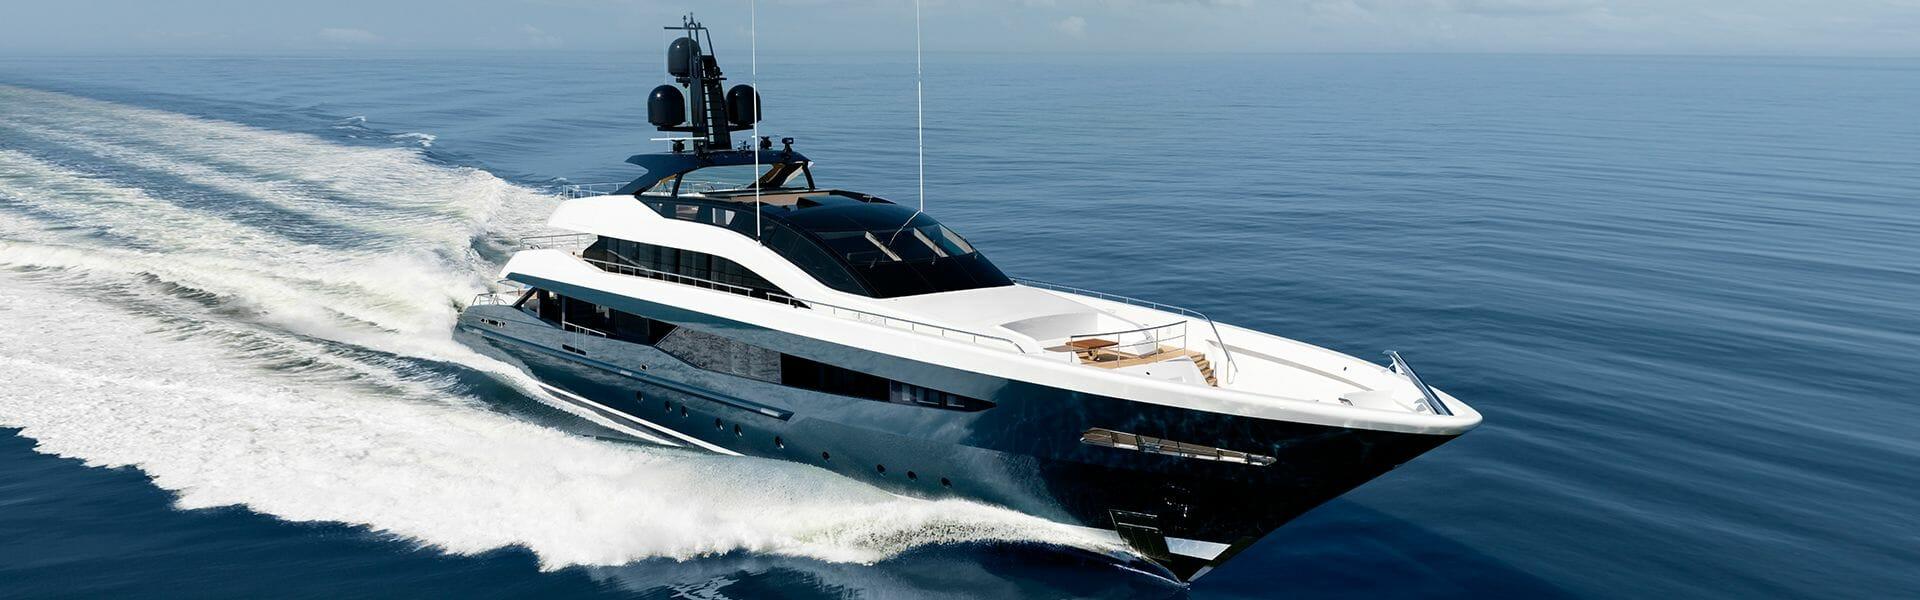 51-metre superyacht Irisha